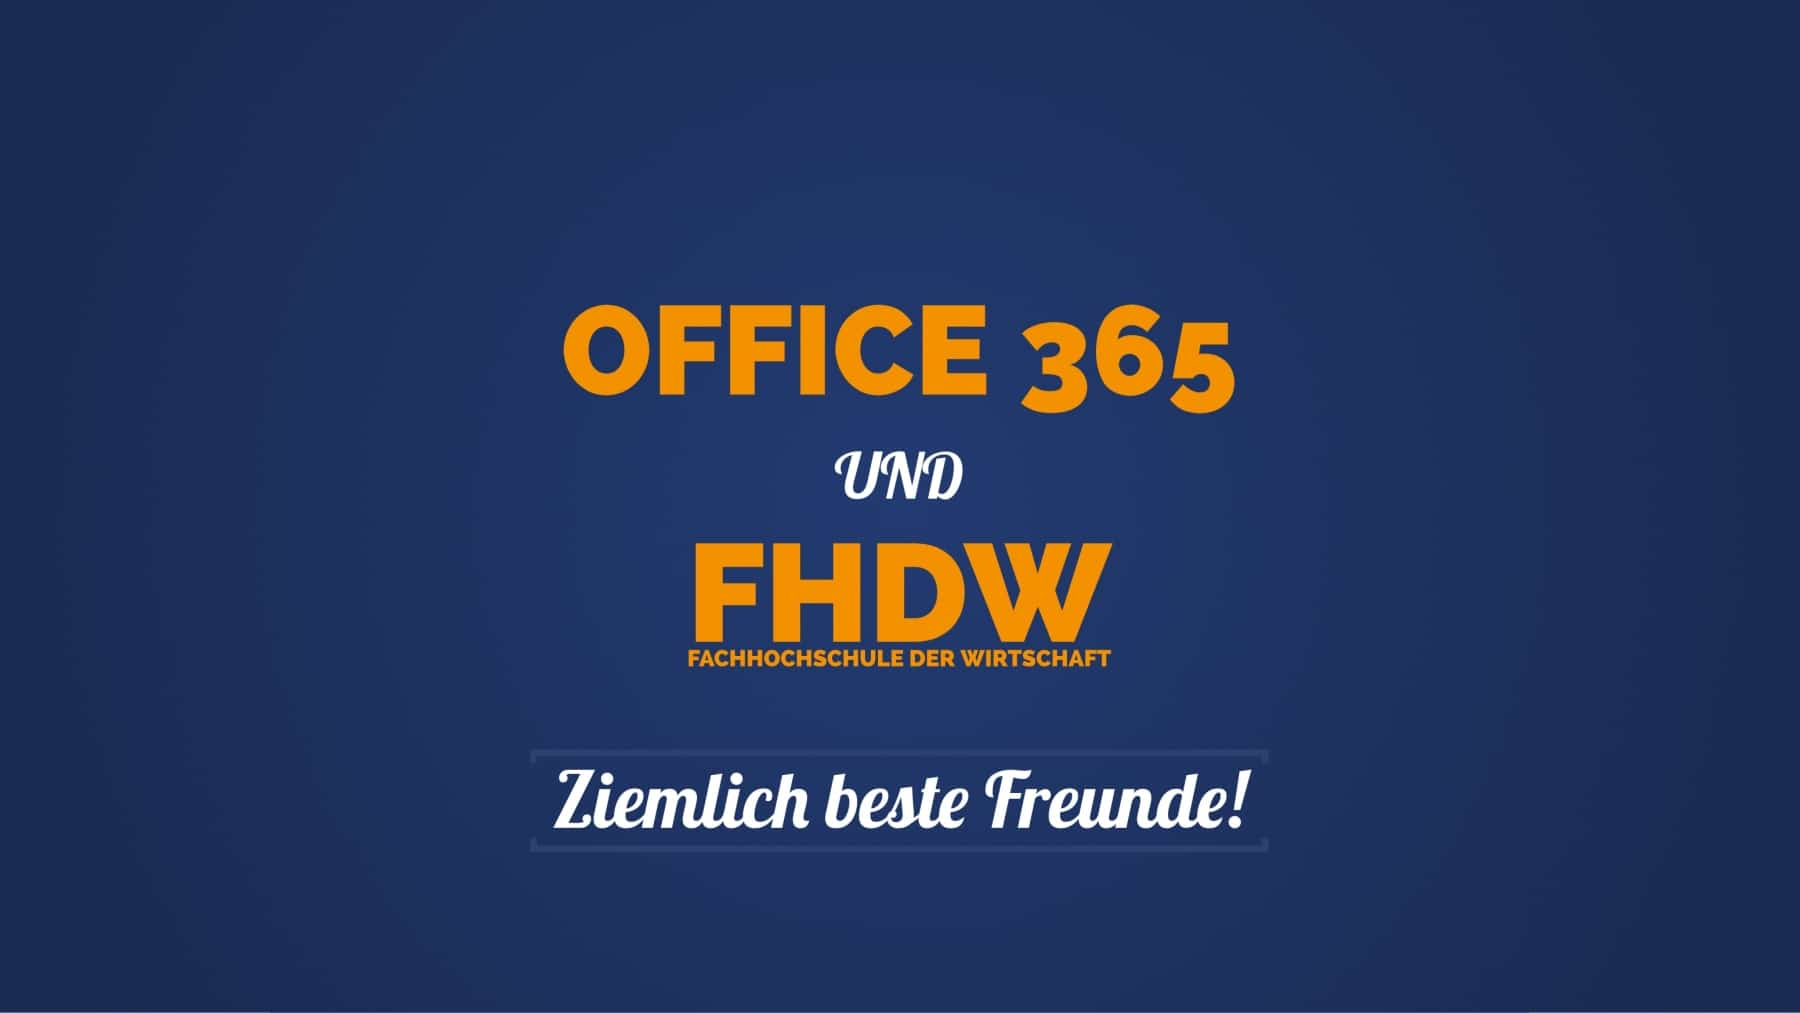 FHDW Office365 Ziemlich Beste Freunde Titelbild